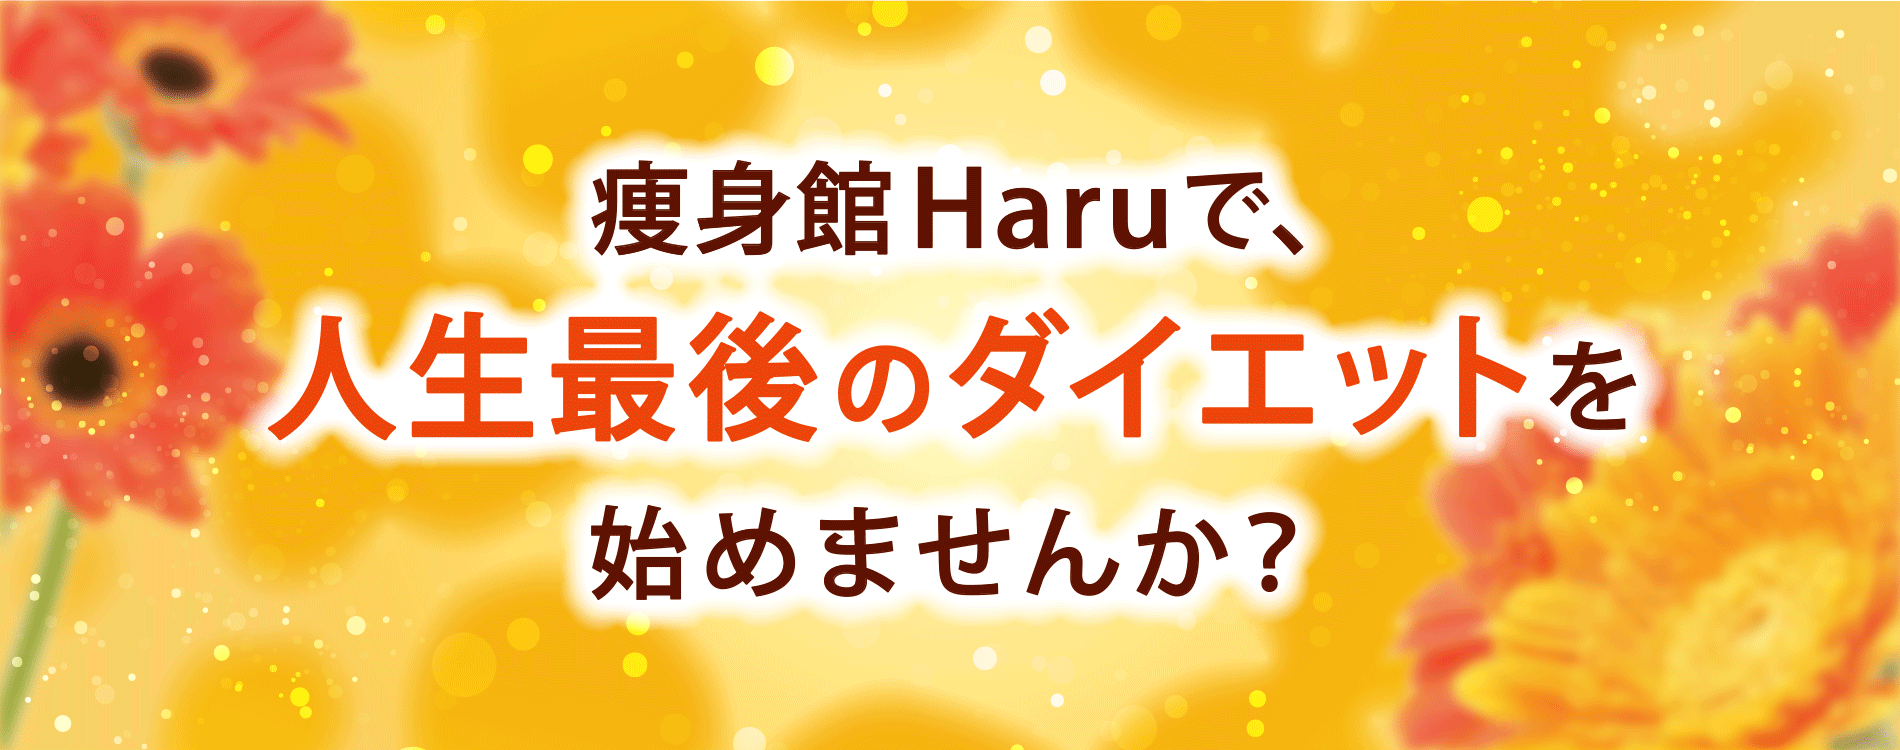 痩身館Haruで、人生最後のダイエットを始めませんか?